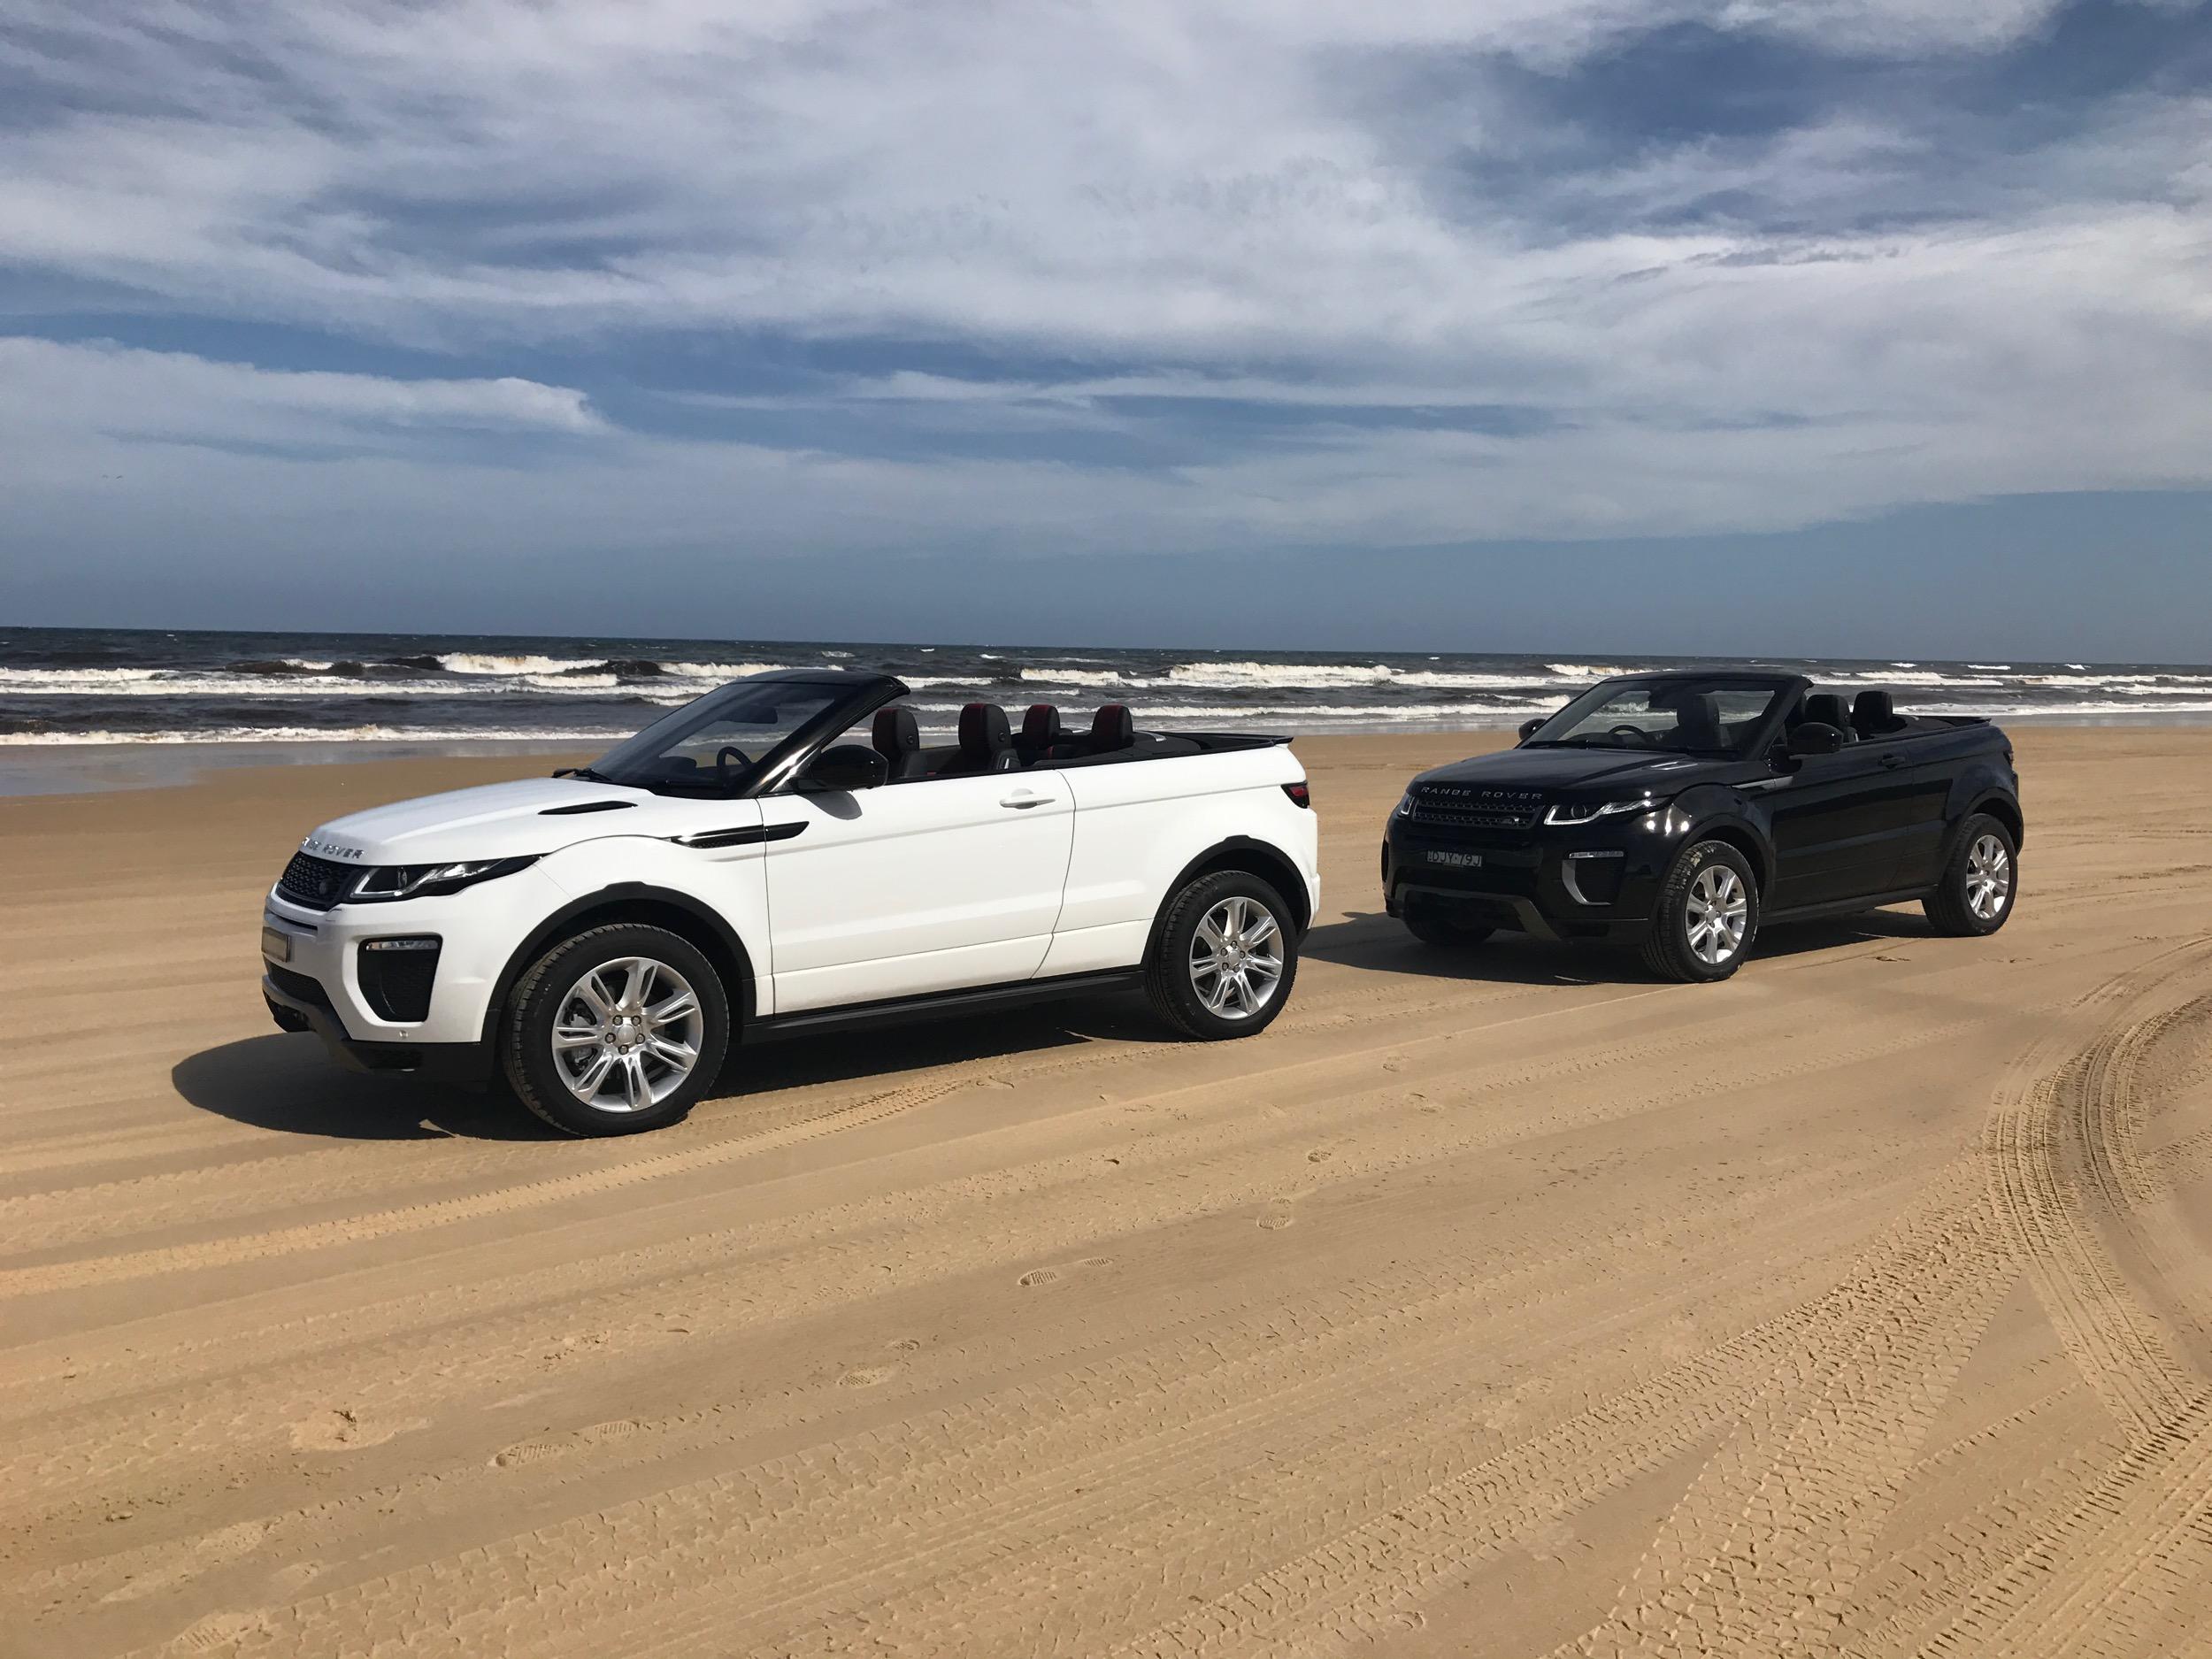 2017 Range Rover Evoque Convertible review | CarAdvice